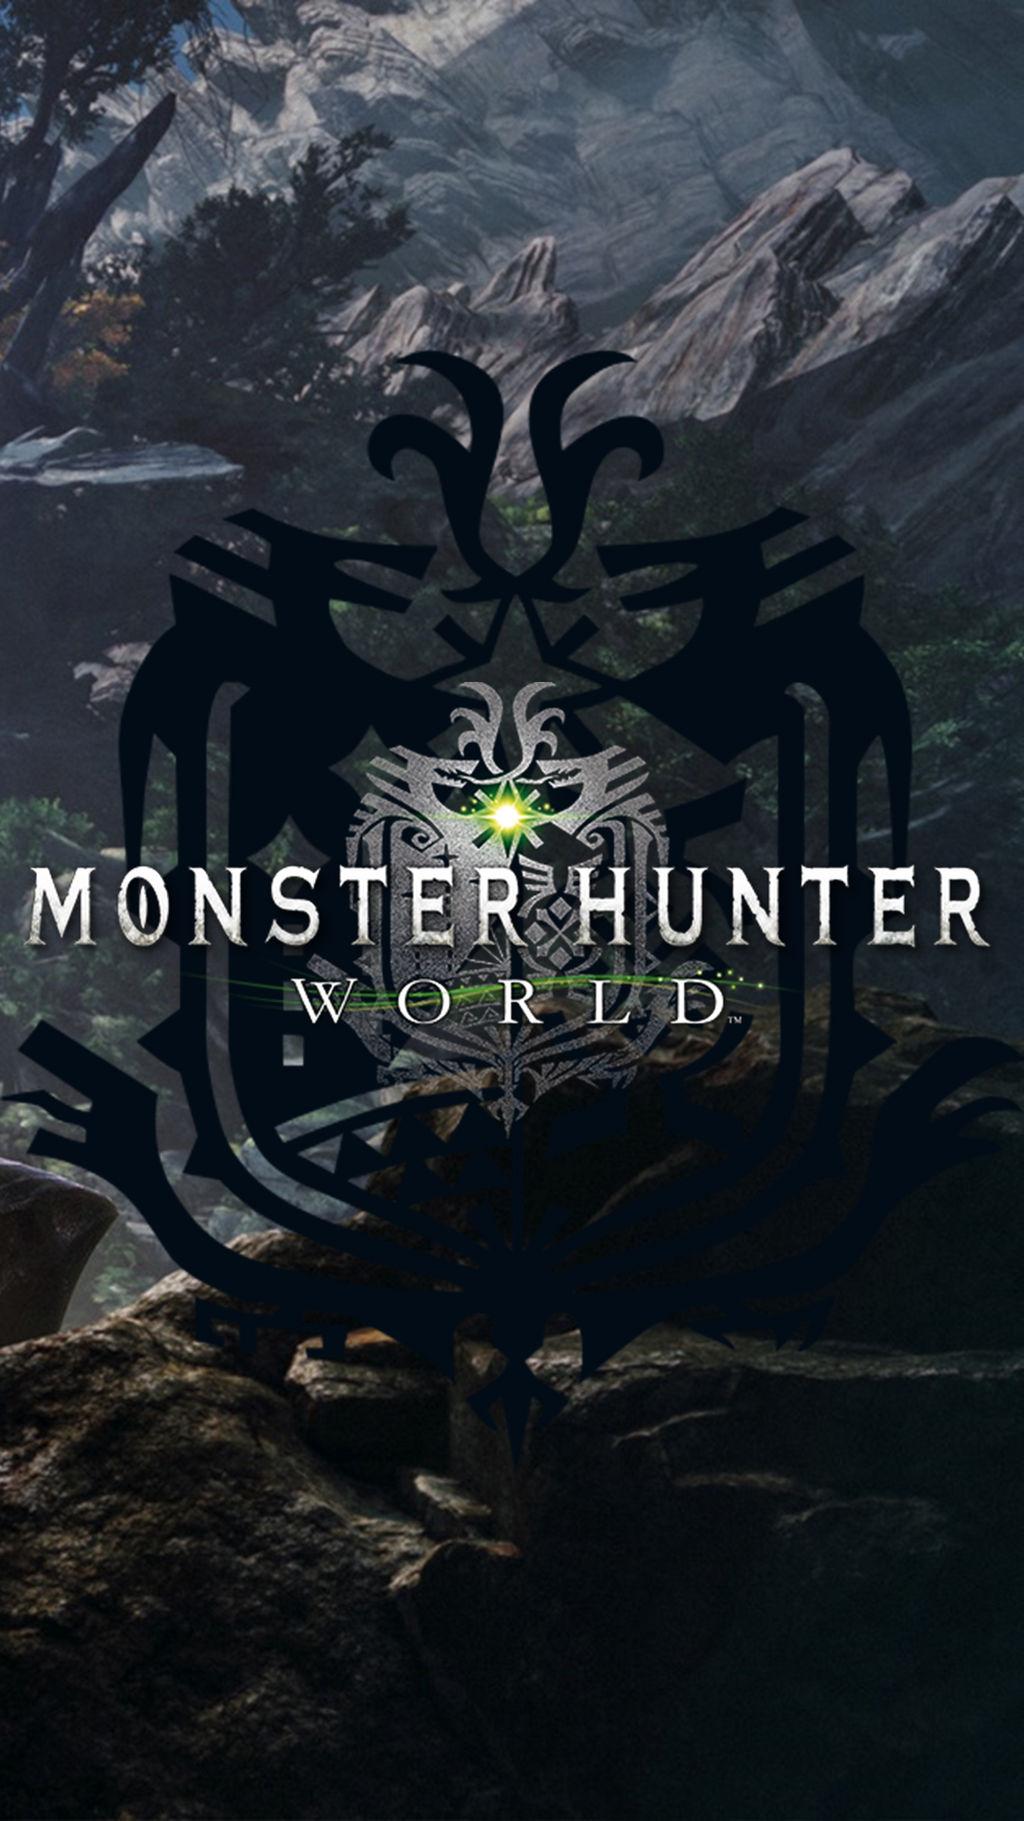 Monster Hunter World Wallpaper Mobile By Hokage455 On Deviantart